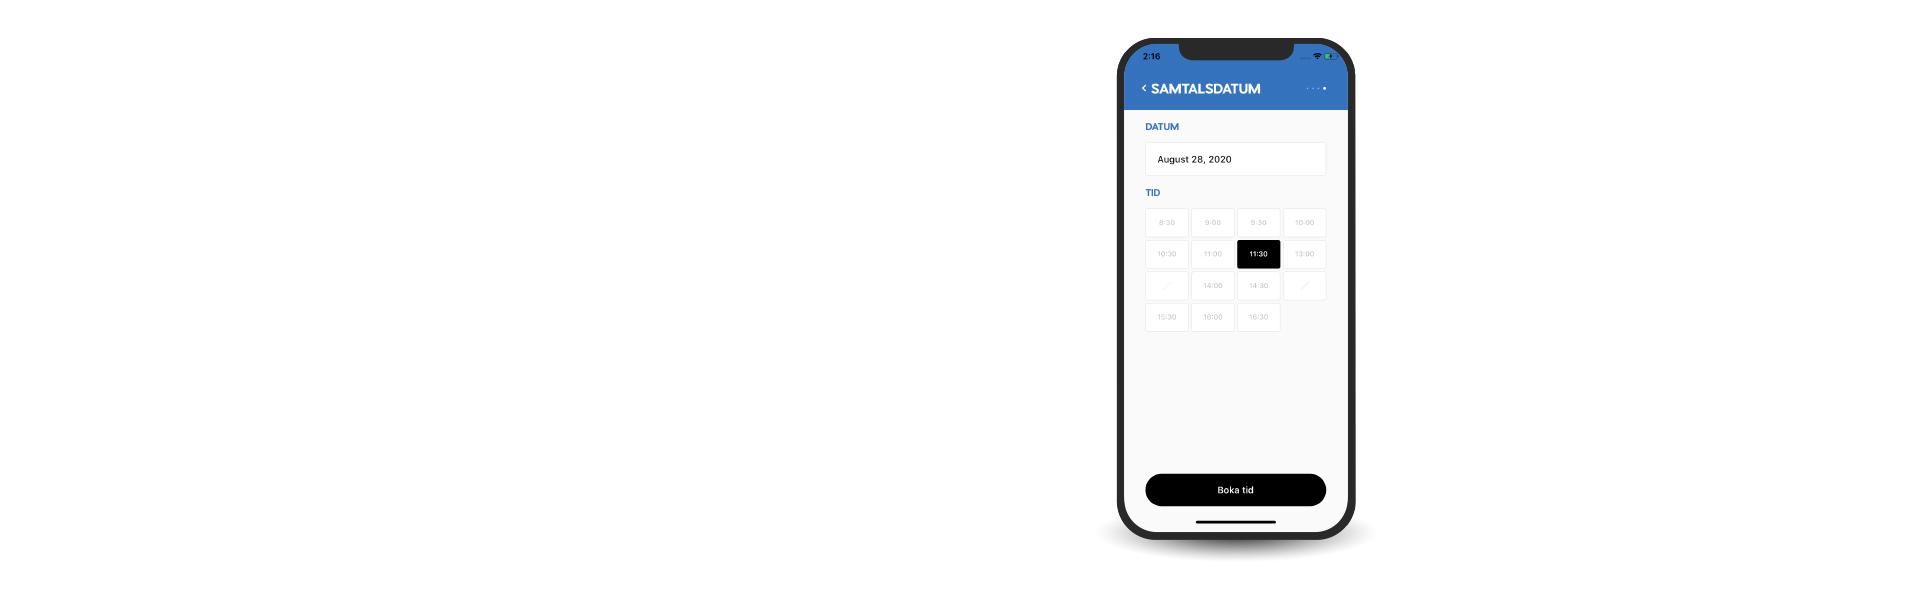 app-slide-2